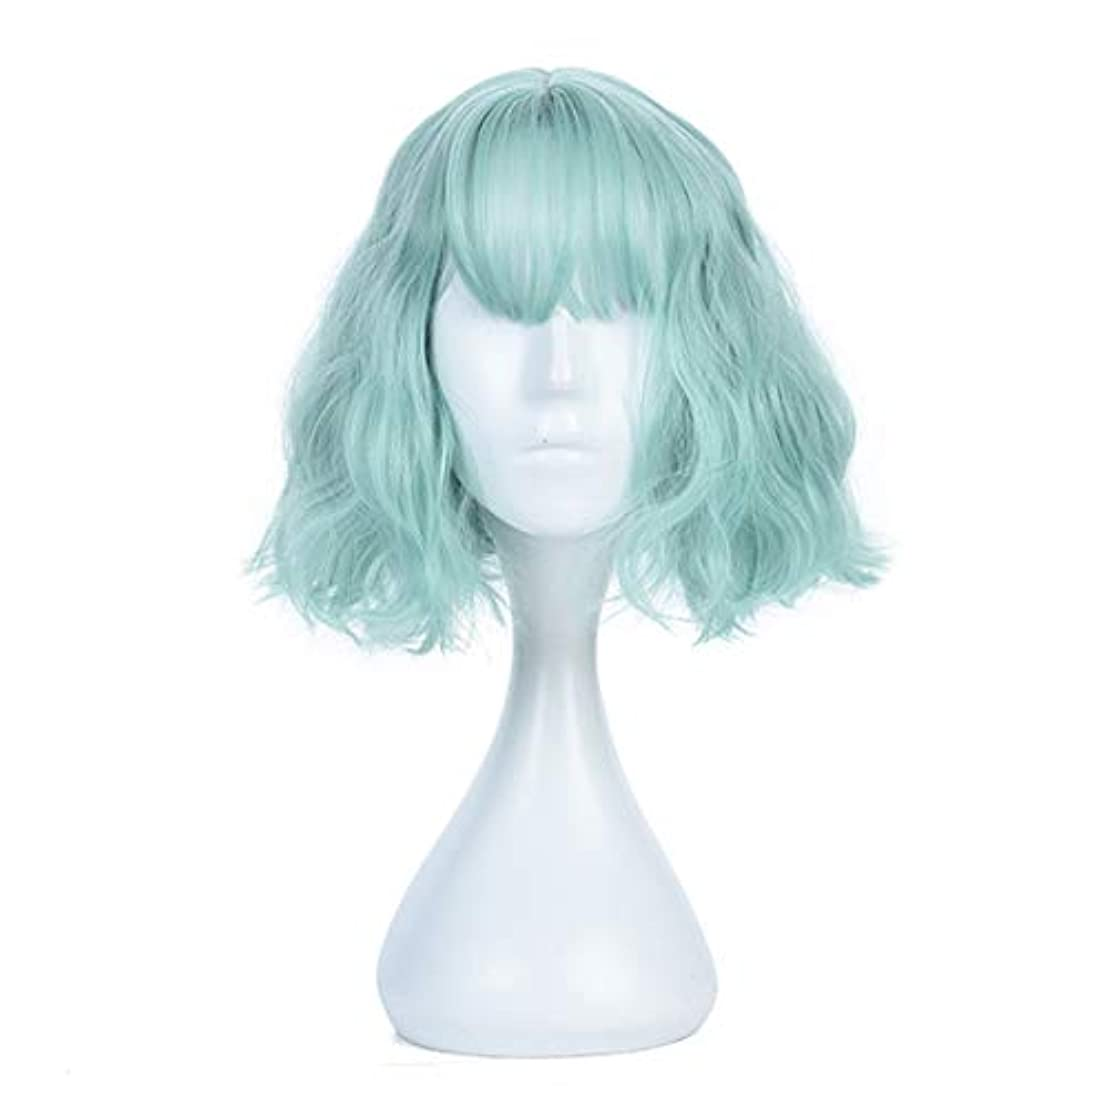 定期的にポインタ降ろすYOUQIU 女性のかつらのためのフラット前髪コスプレ衣装デイリーパーティーウィッグと12インチ女子ショートボボ髪カーリーの合成 (色 : Blonde light Green, サイズ : 12